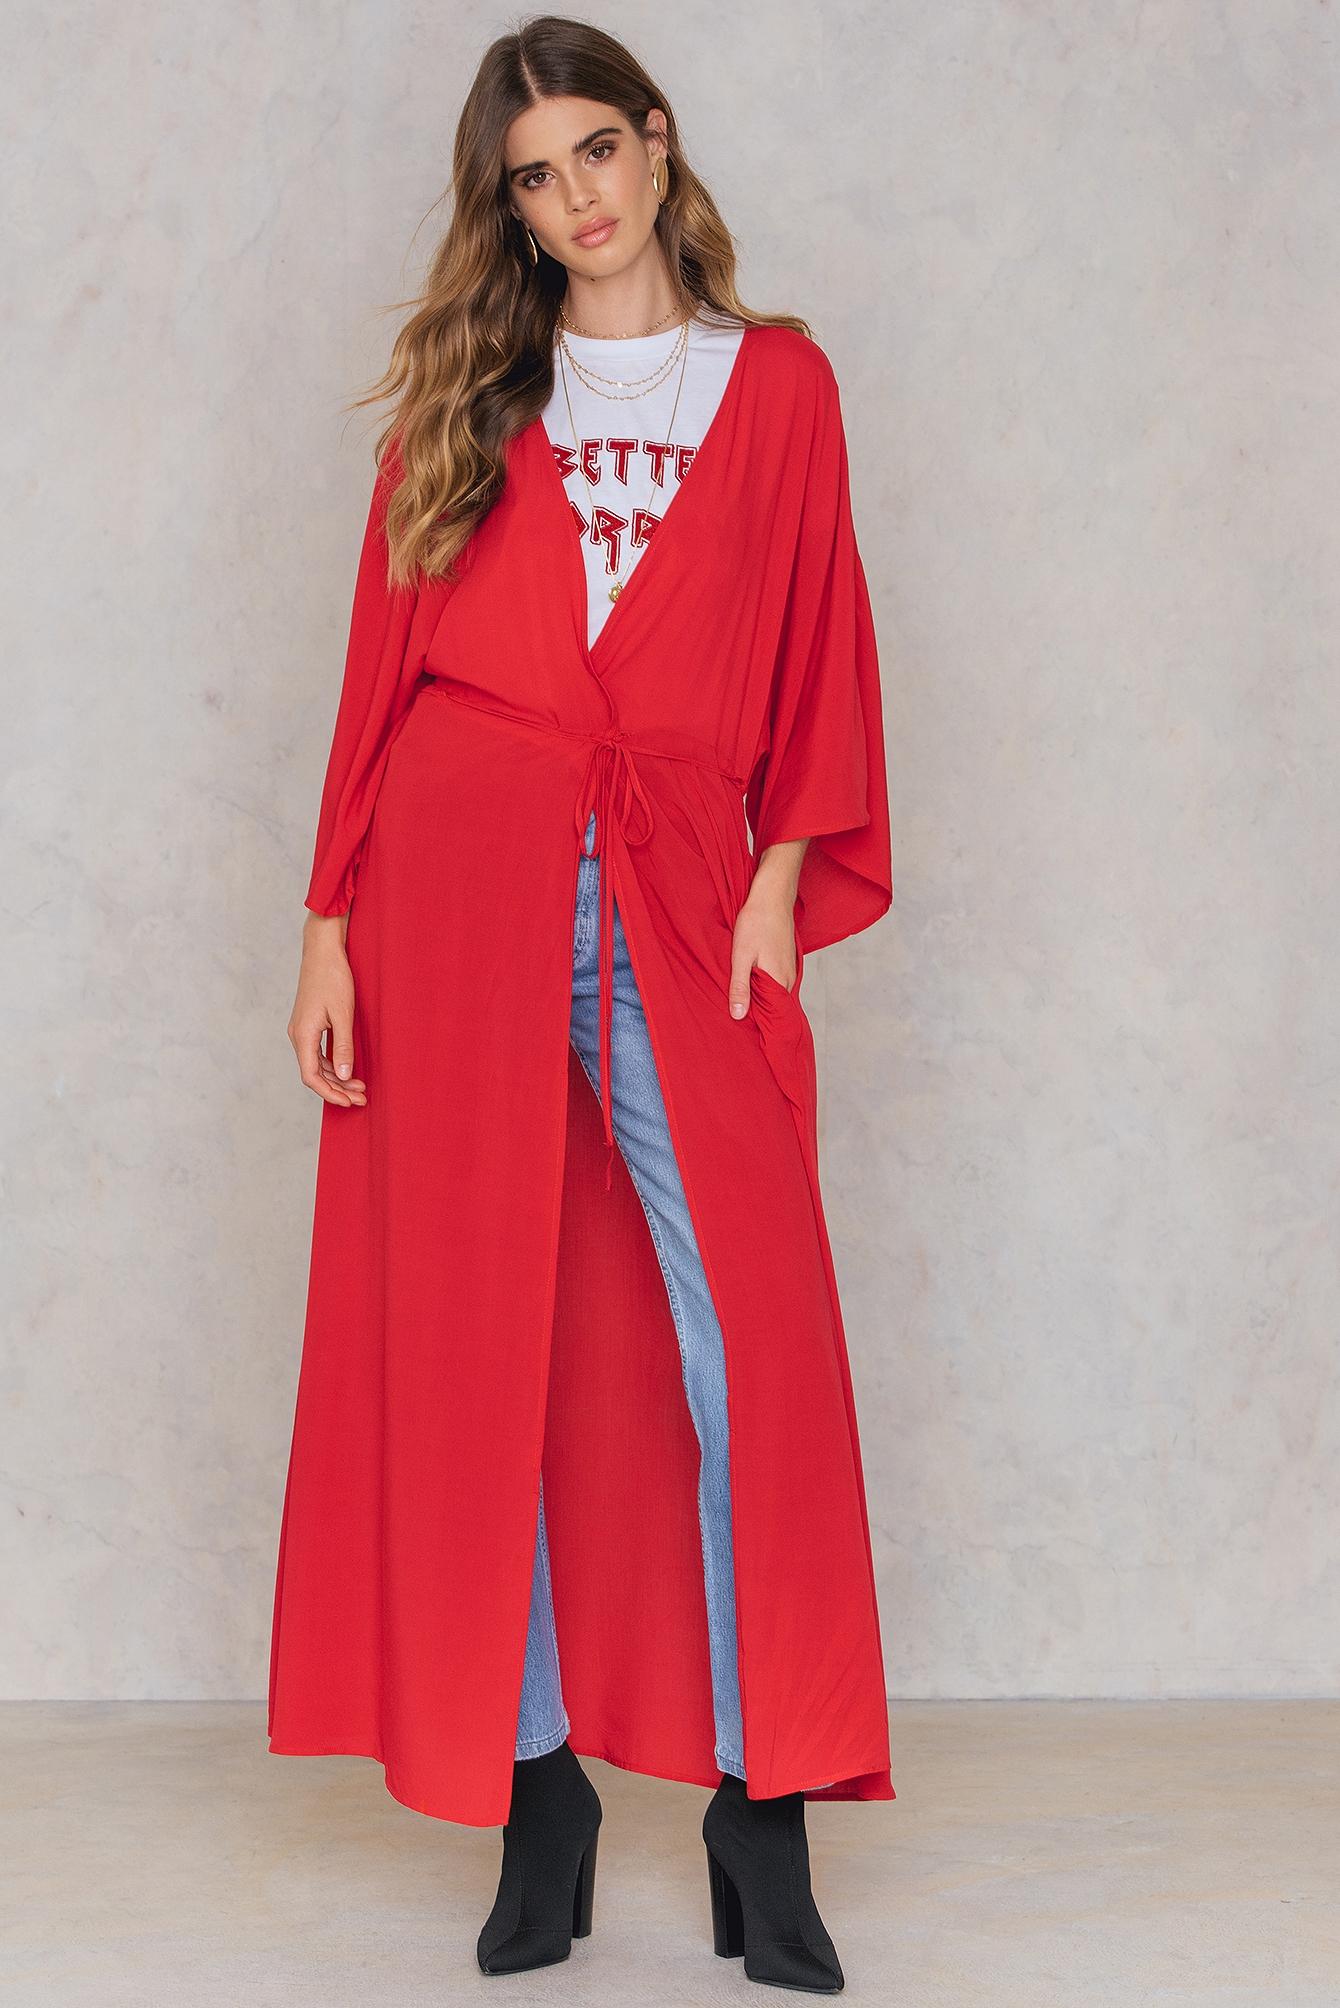 NA-KD Boho Coat Dress Red by NA-KD Boho